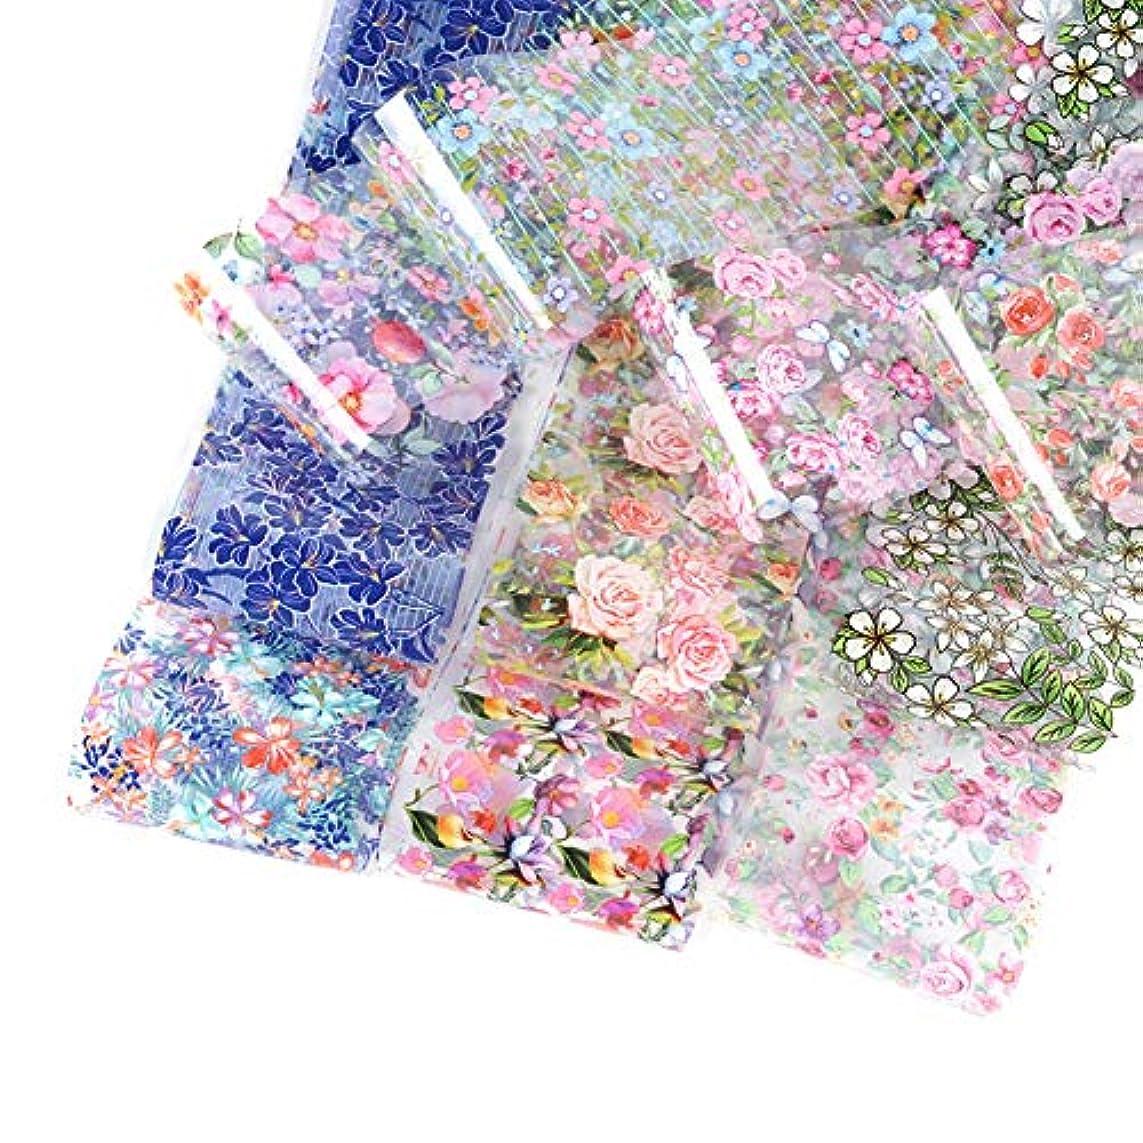 ポータルぜいたく強いますRadiya ネイルシール ネイルステッカー 星空ネイル シェル 花柄ネイルホイル 水彩の花 転写ホイル 箔紙 シェルプリント 極薄フィルム 10枚セット